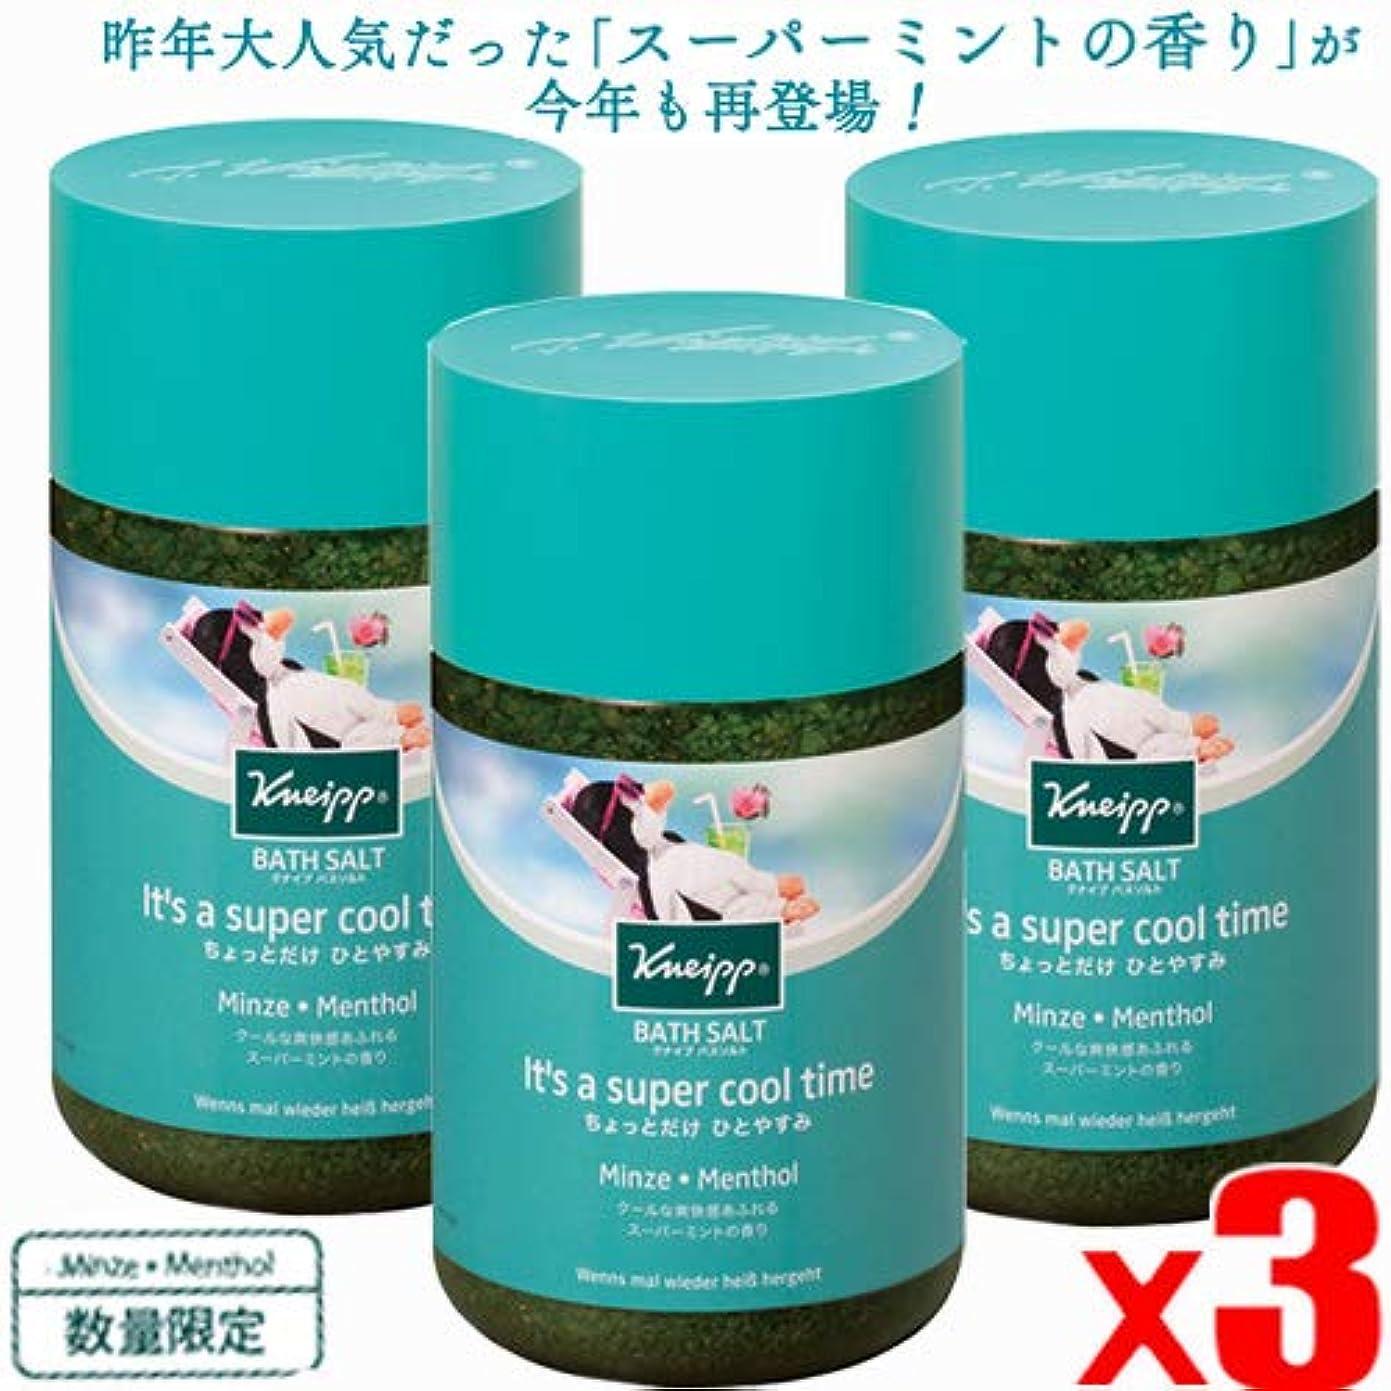 【3個】クナイプ バスソルト スーパーミントの香り 850gx3個(4580294852975-3)